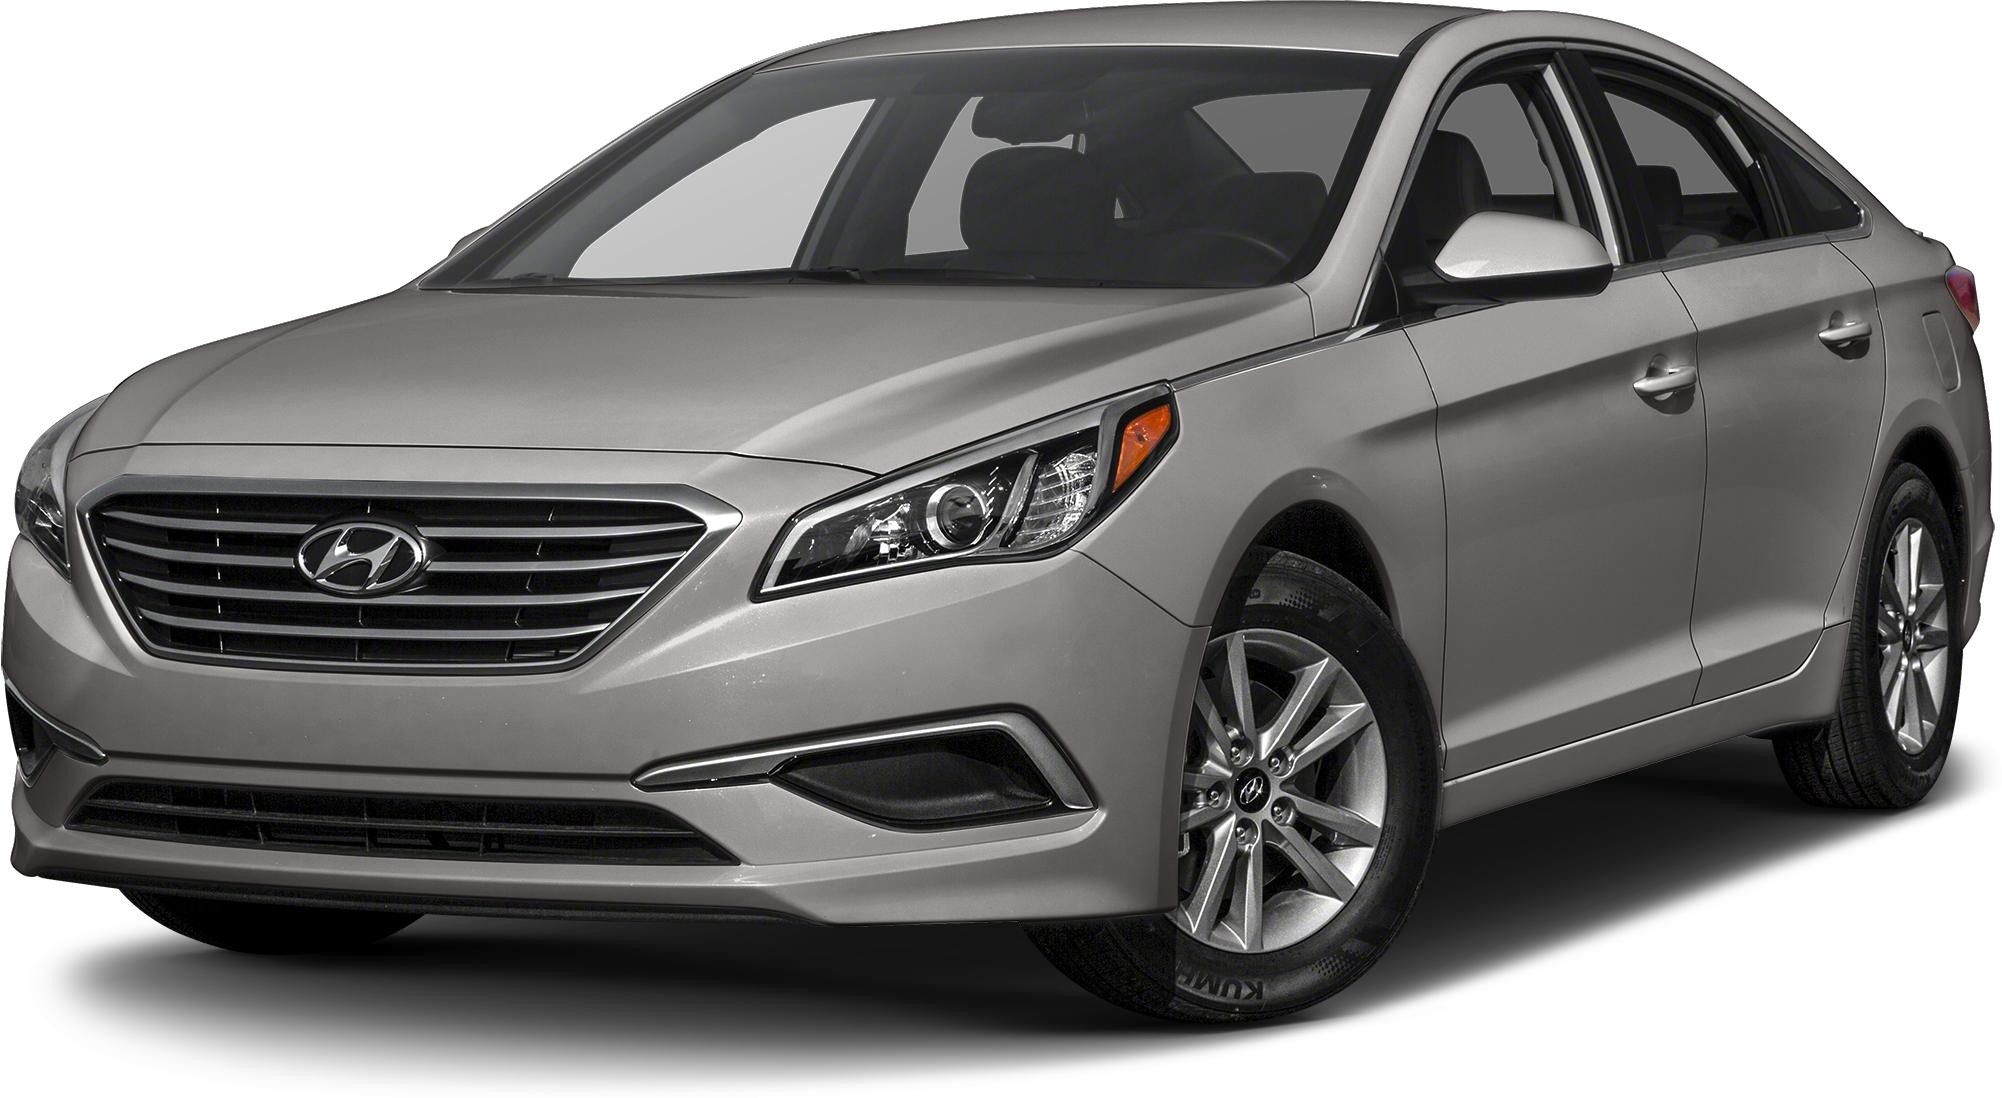 Hyundai Of Dothan >> 2017 Hyundai Sonata Jackson TN 25581171